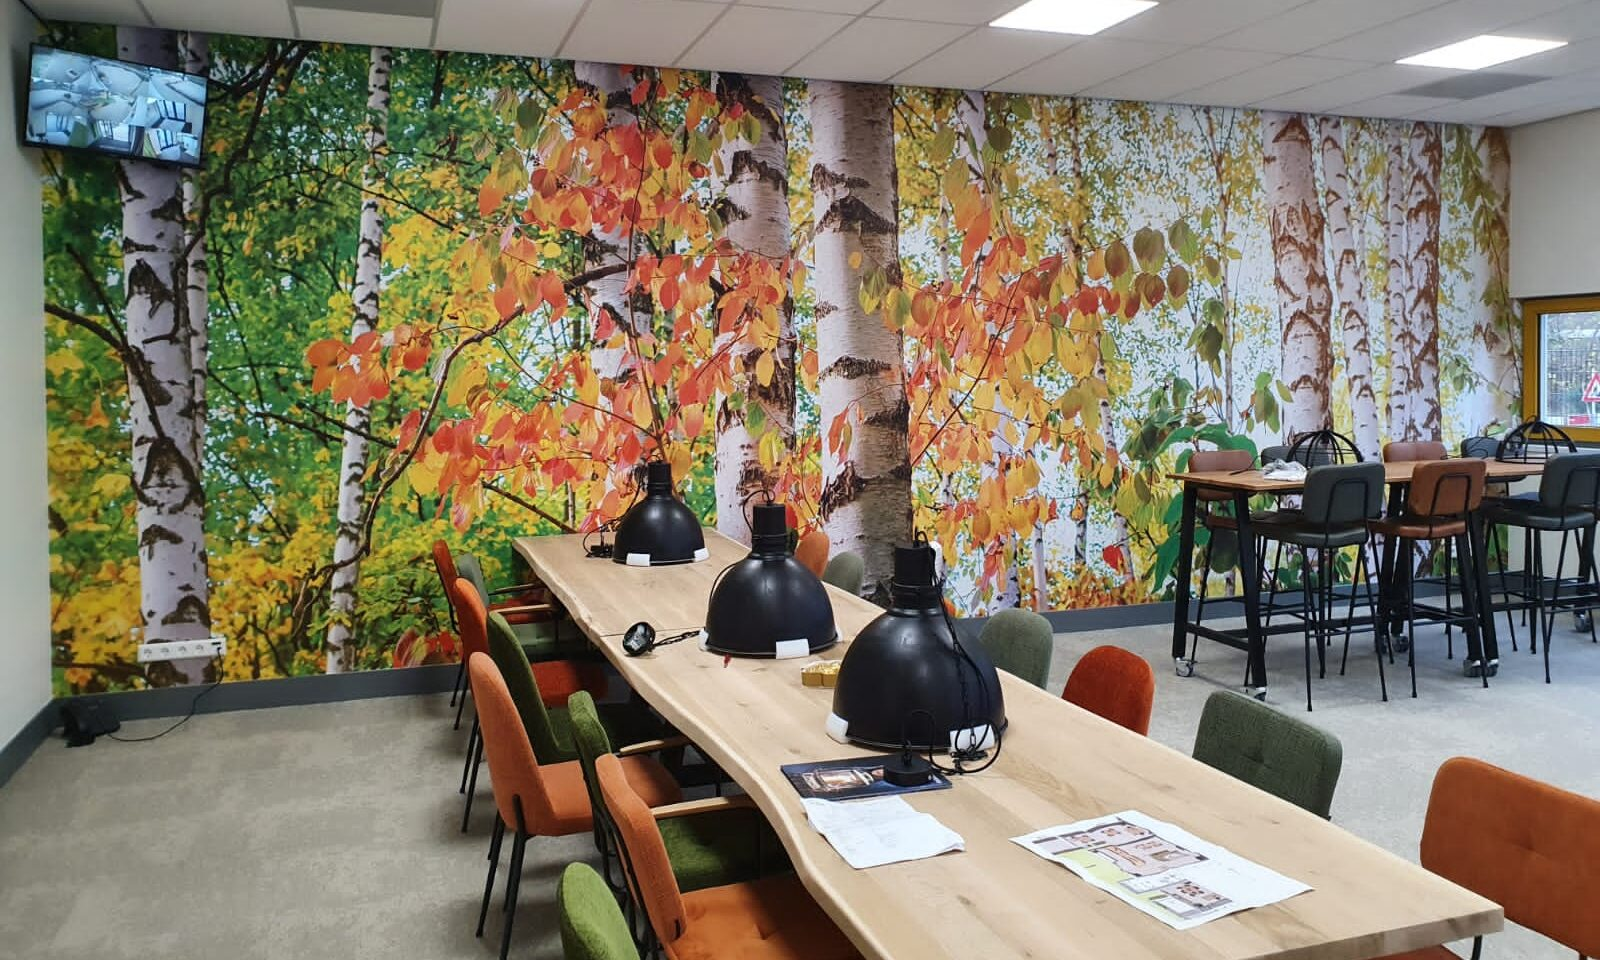 wandprint school kantine teamkamer naadloosbehang bomenprint Vinywall MetroXL